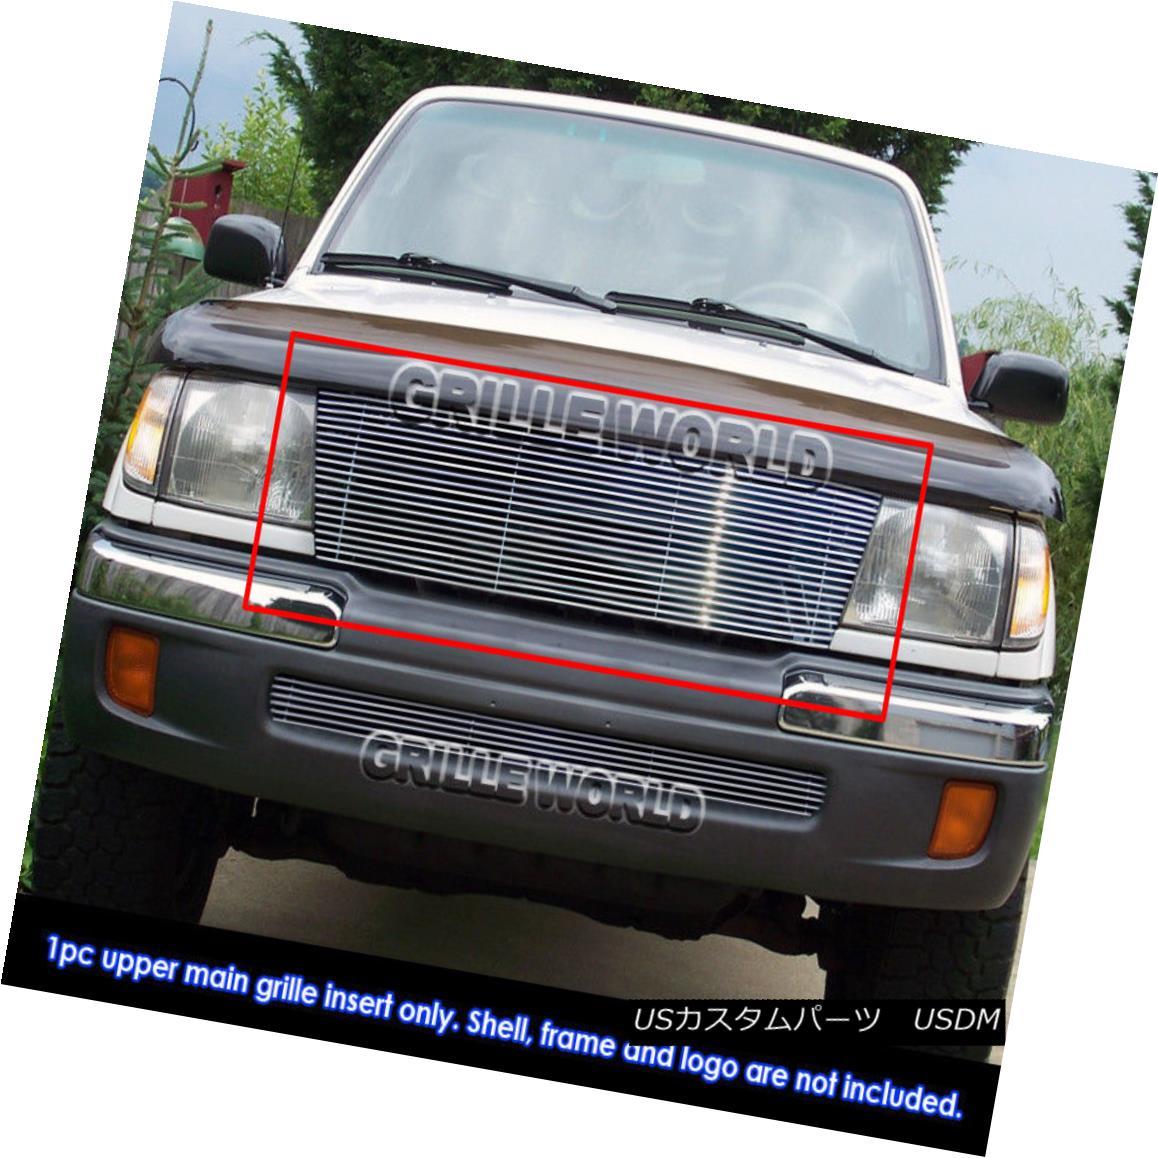 グリル 1997 Toyota Tacoma 2WD /1998-2000 Toyota Tacoma All Model Billet Grille Insert 1997トヨタタコマ2WD / 1998-2000トヨタタコマオールモデルビレットグリルインサート